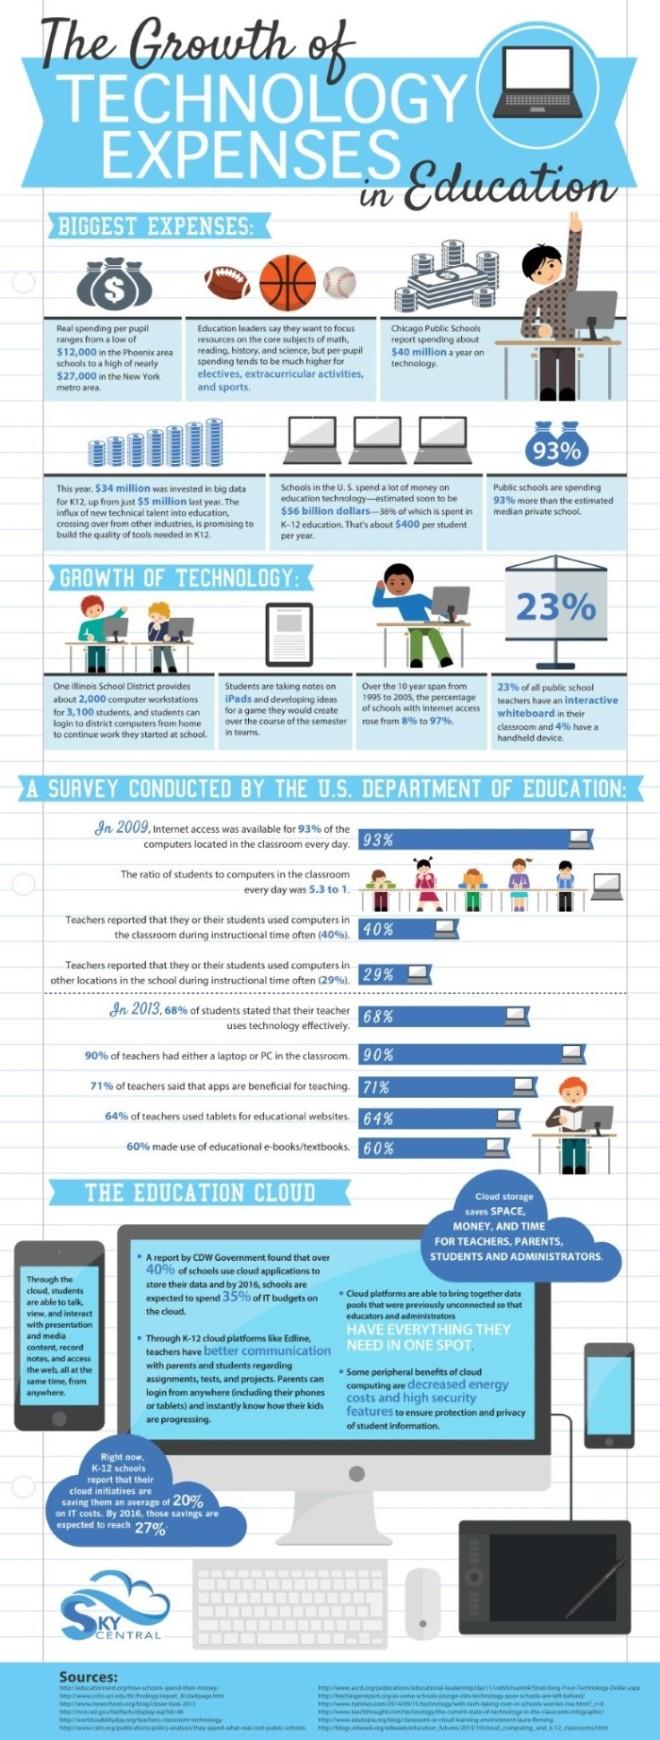 El crecimiento de la inversión en tecnología en educación